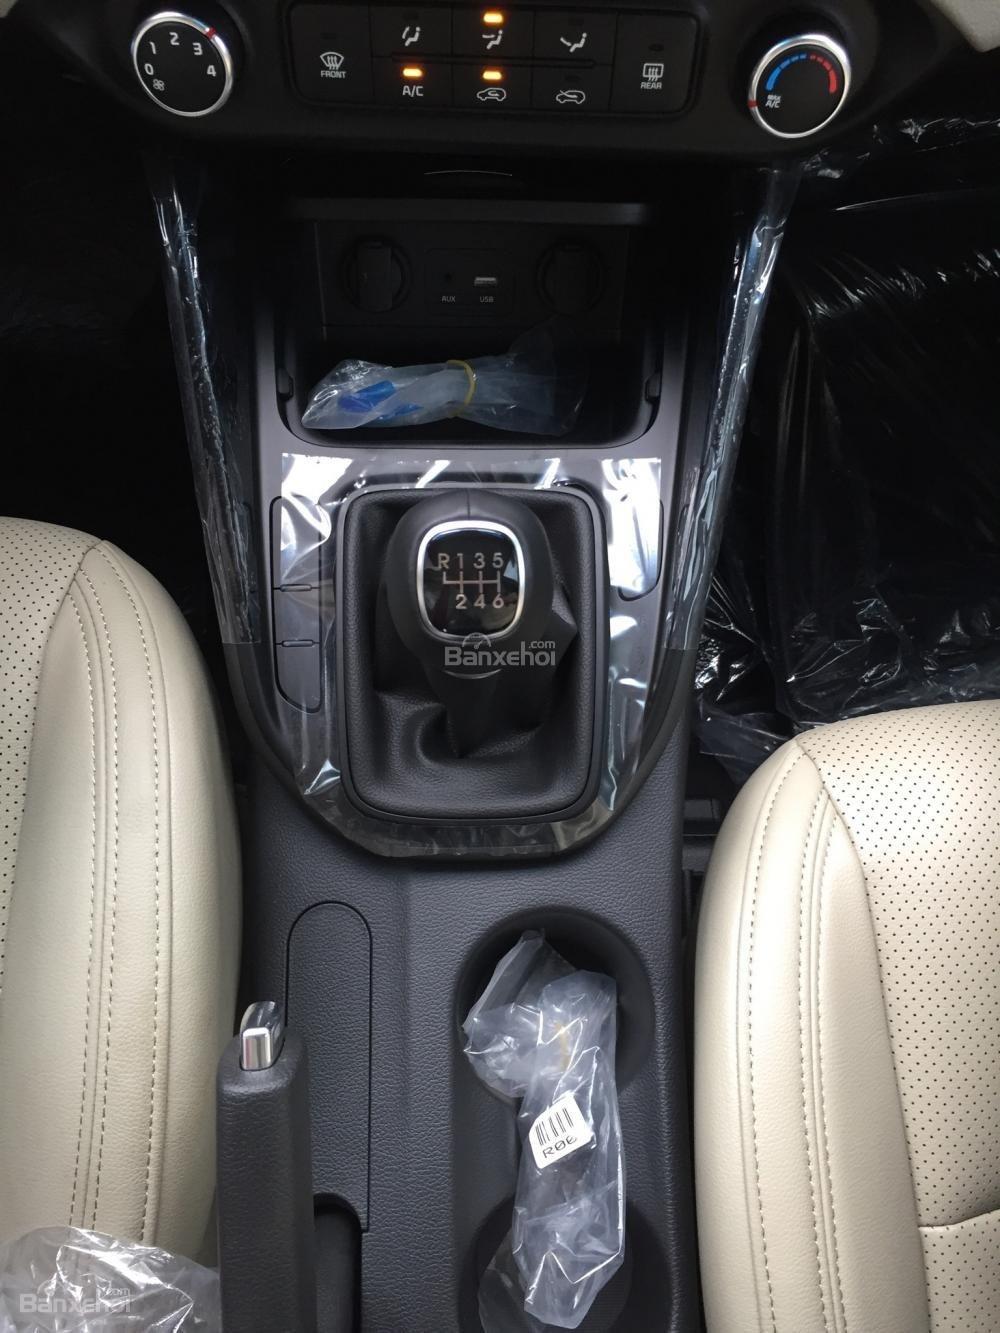 Bán xe Kia Rondo 7 chỗ GMT 2018, màu trắng, giá chỉ 609 triệu, hỗ trợ vay 90%, không chứng minh thu nhập-8